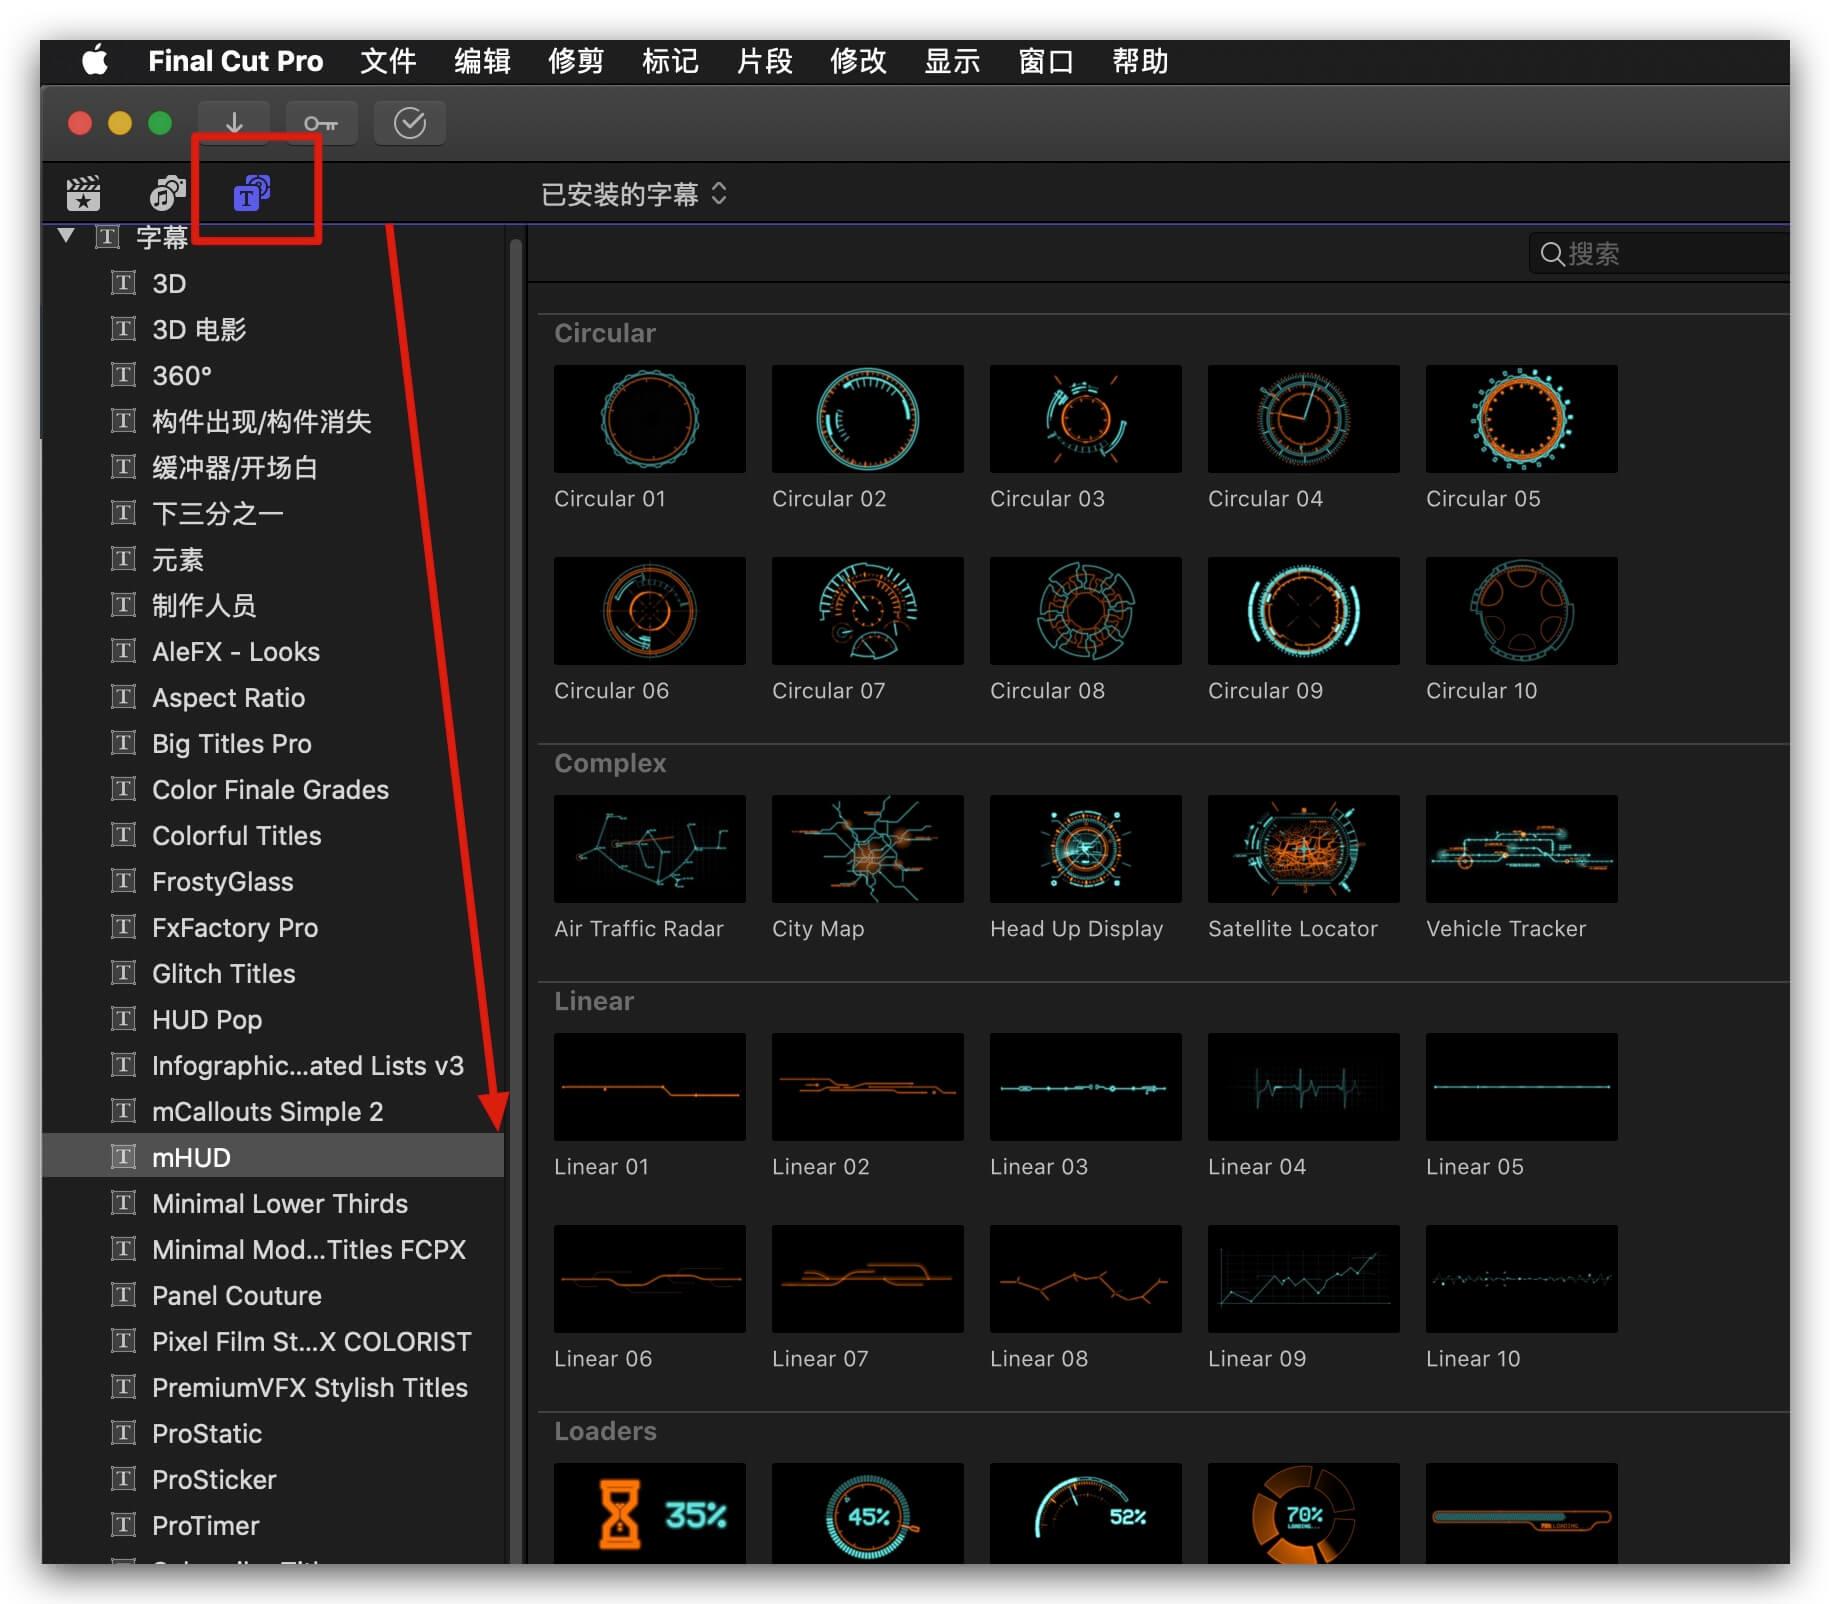 mHUD 高科技信息化UI界面触控动态元素视频+FCPX插件